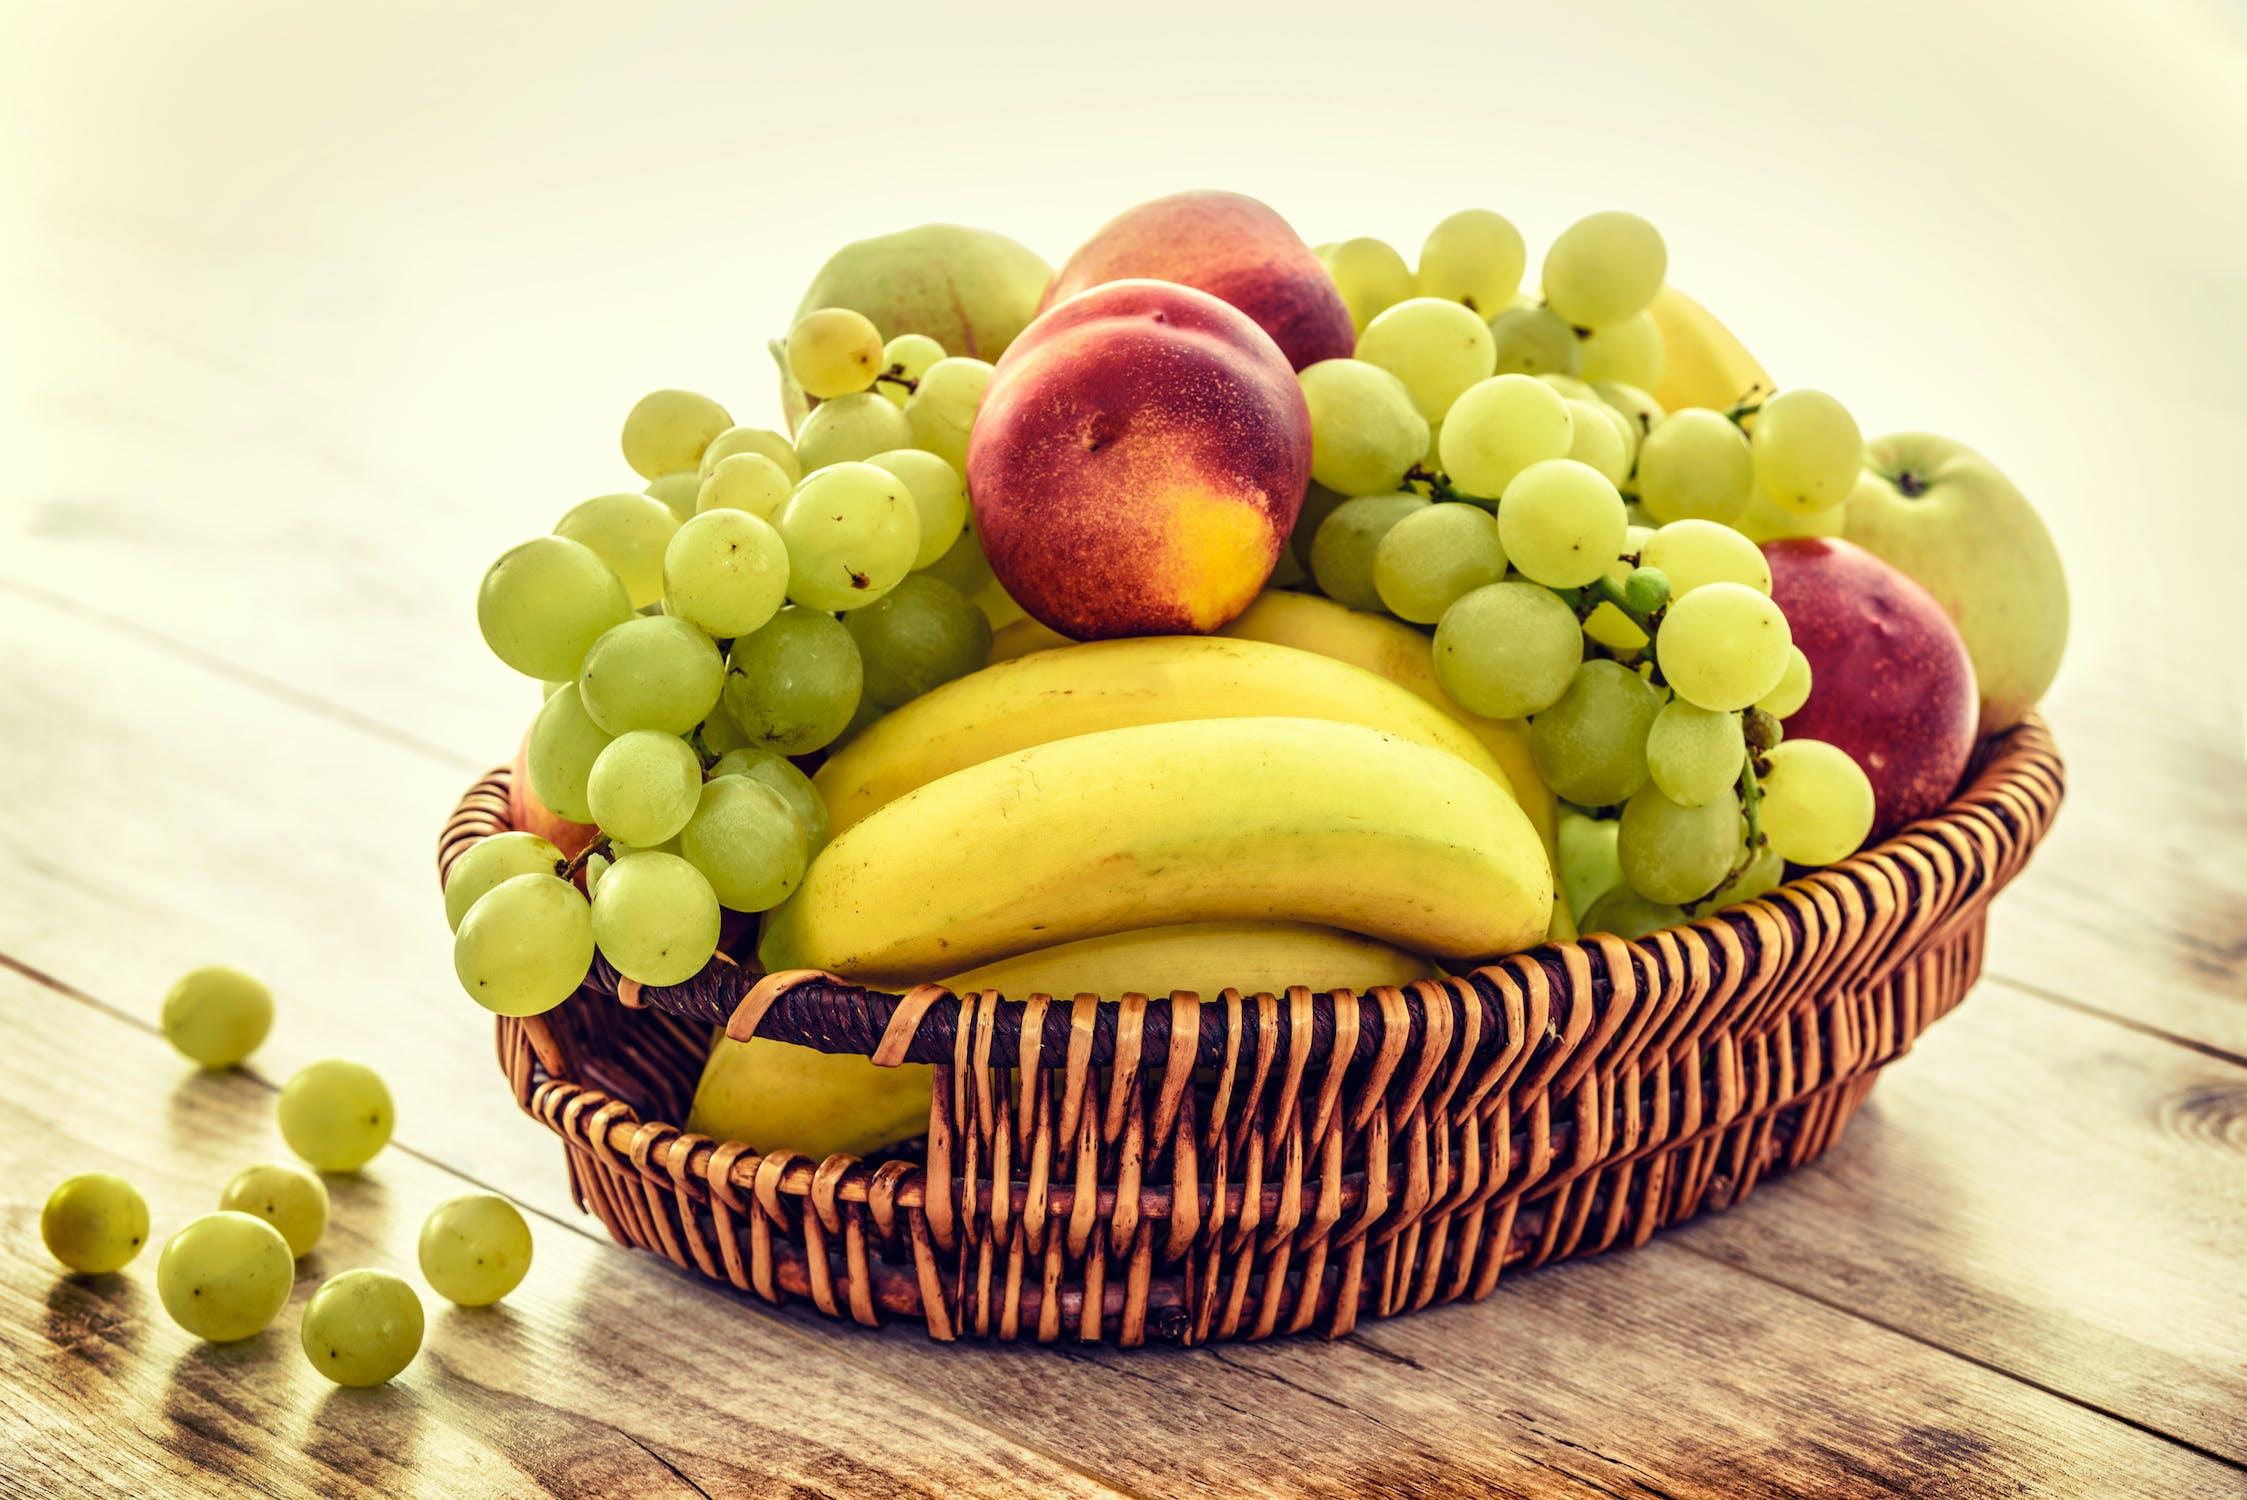 Obstkorb mit Obst aus der veganen Lebensmittelliste: Trauben, Pfirsichen, Äpfeln und Bananen